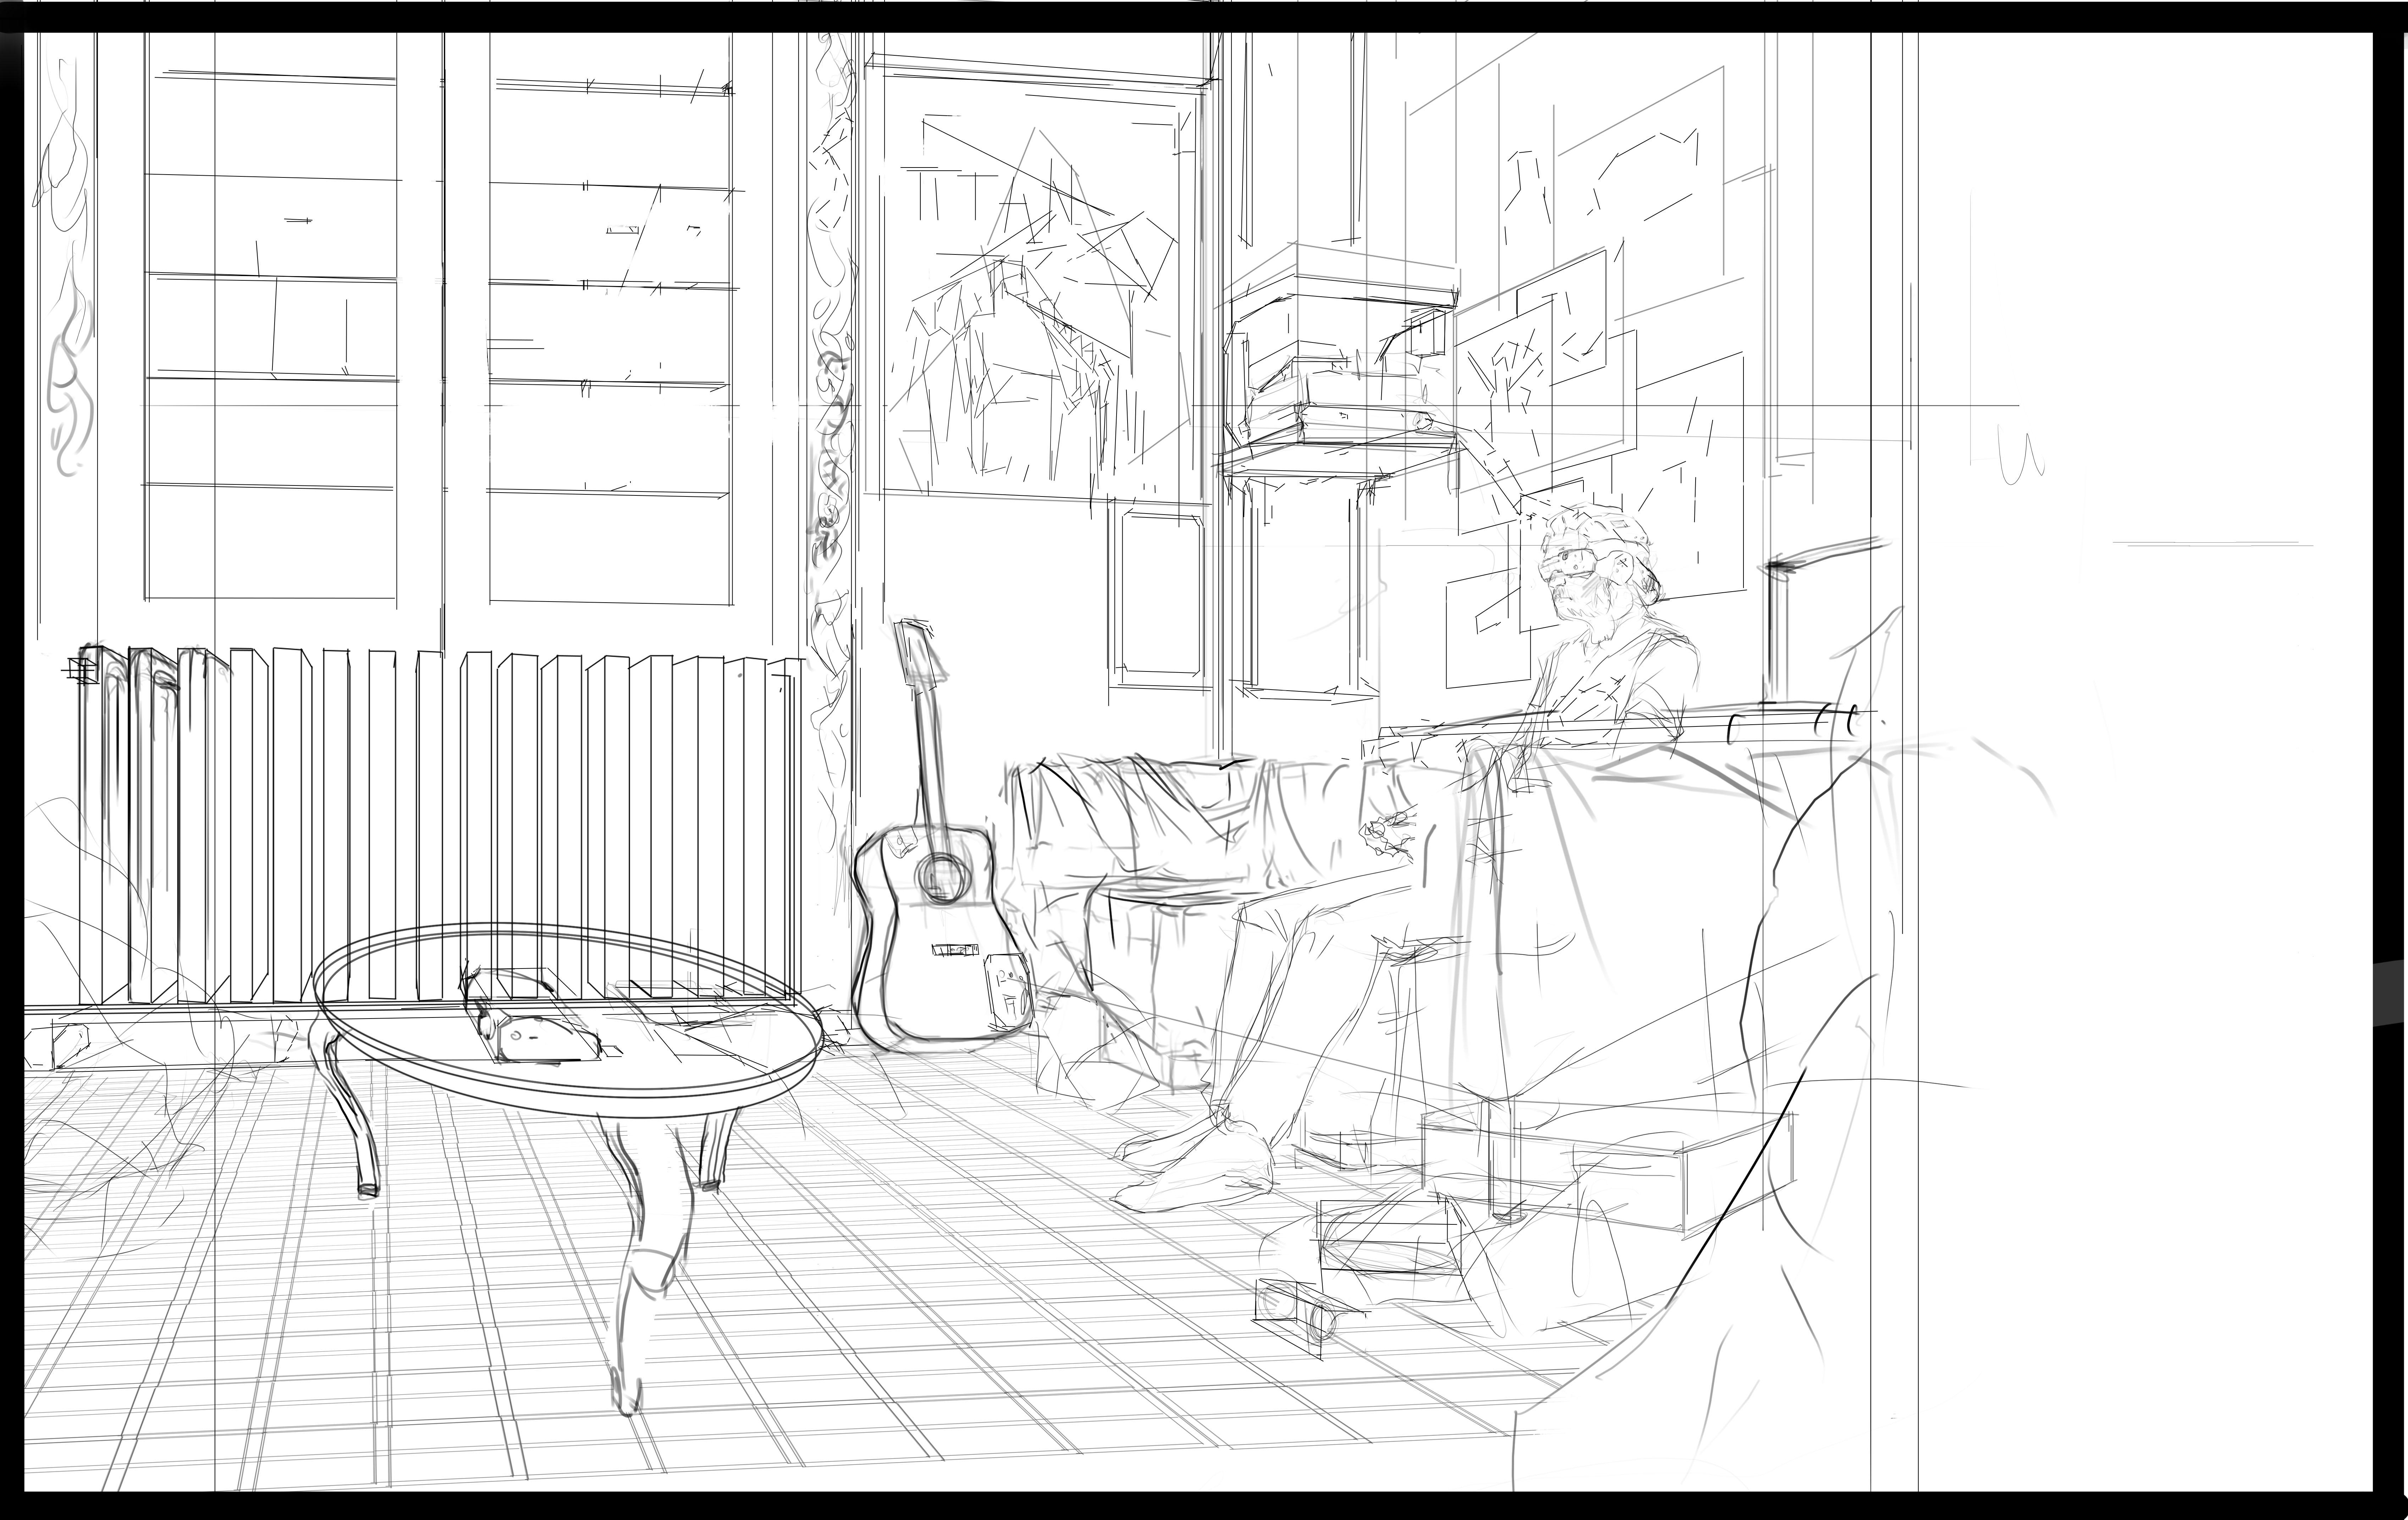 mes trucs - Page 2 Chambre_dessin